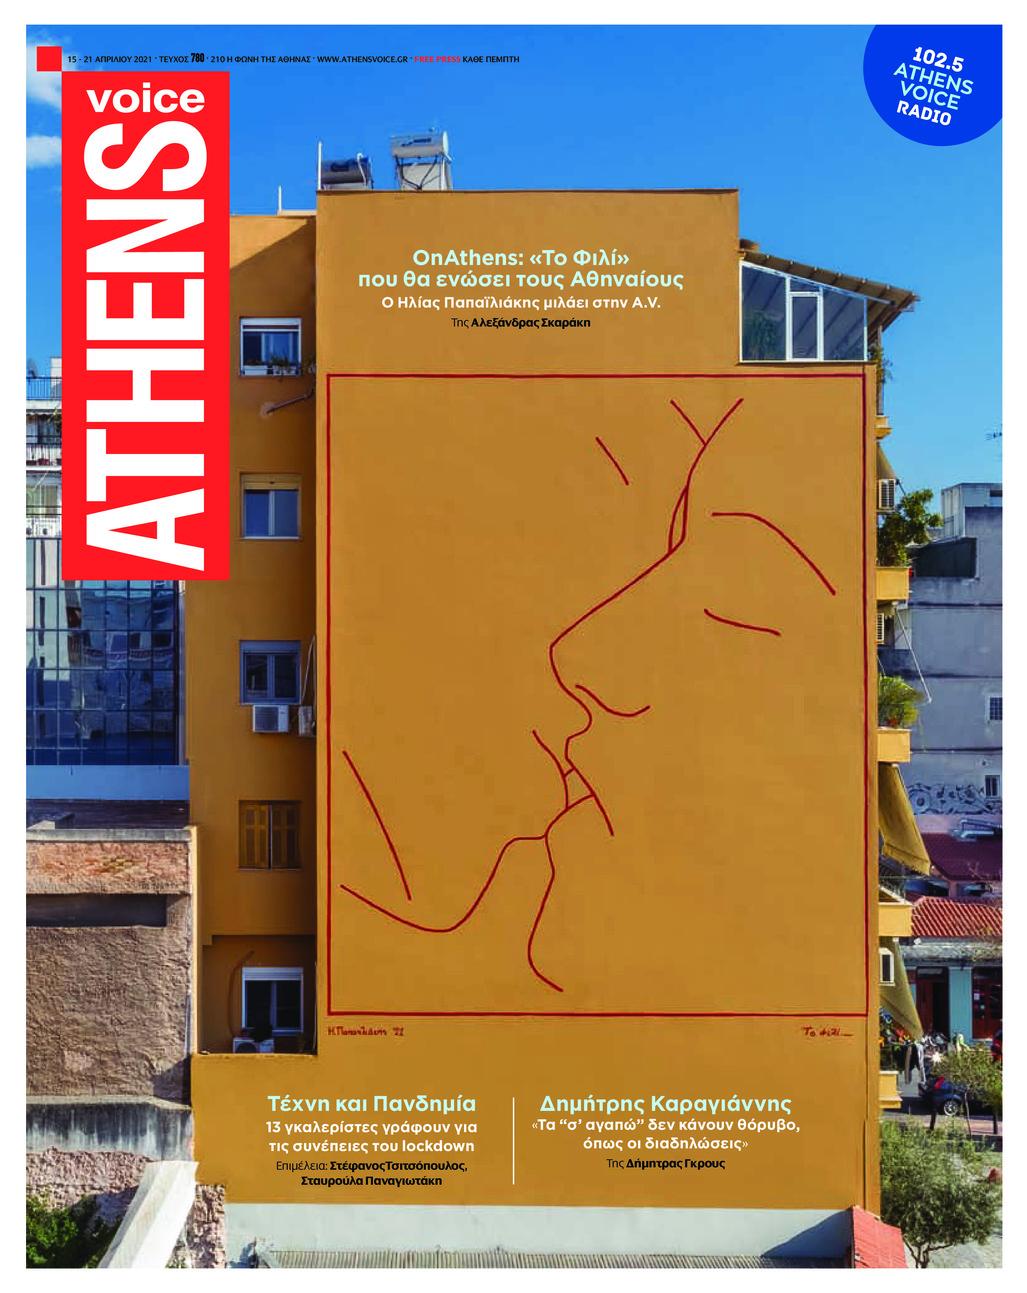 Πρωτοσέλιδο εφημερίδας Athens Voice